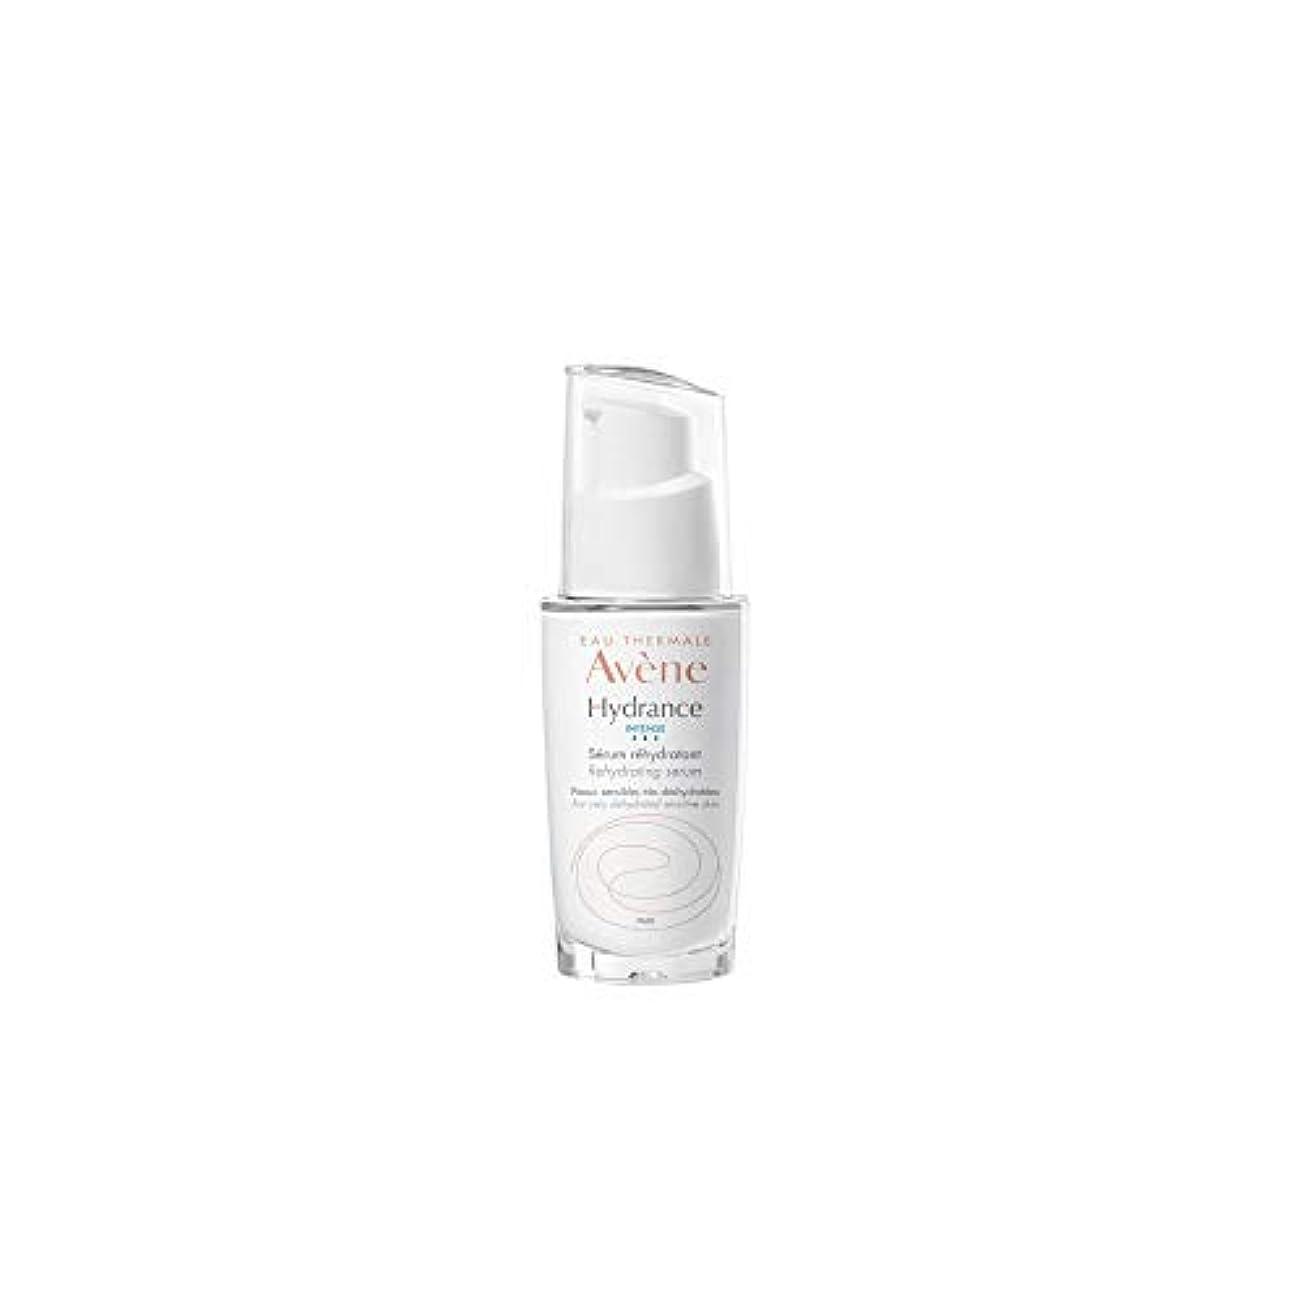 民間人統治する実験室アベンヌ Hydrance Intense Rehydrating Serum - For Very Dehydrated Sensitive Skin 30ml/1oz並行輸入品